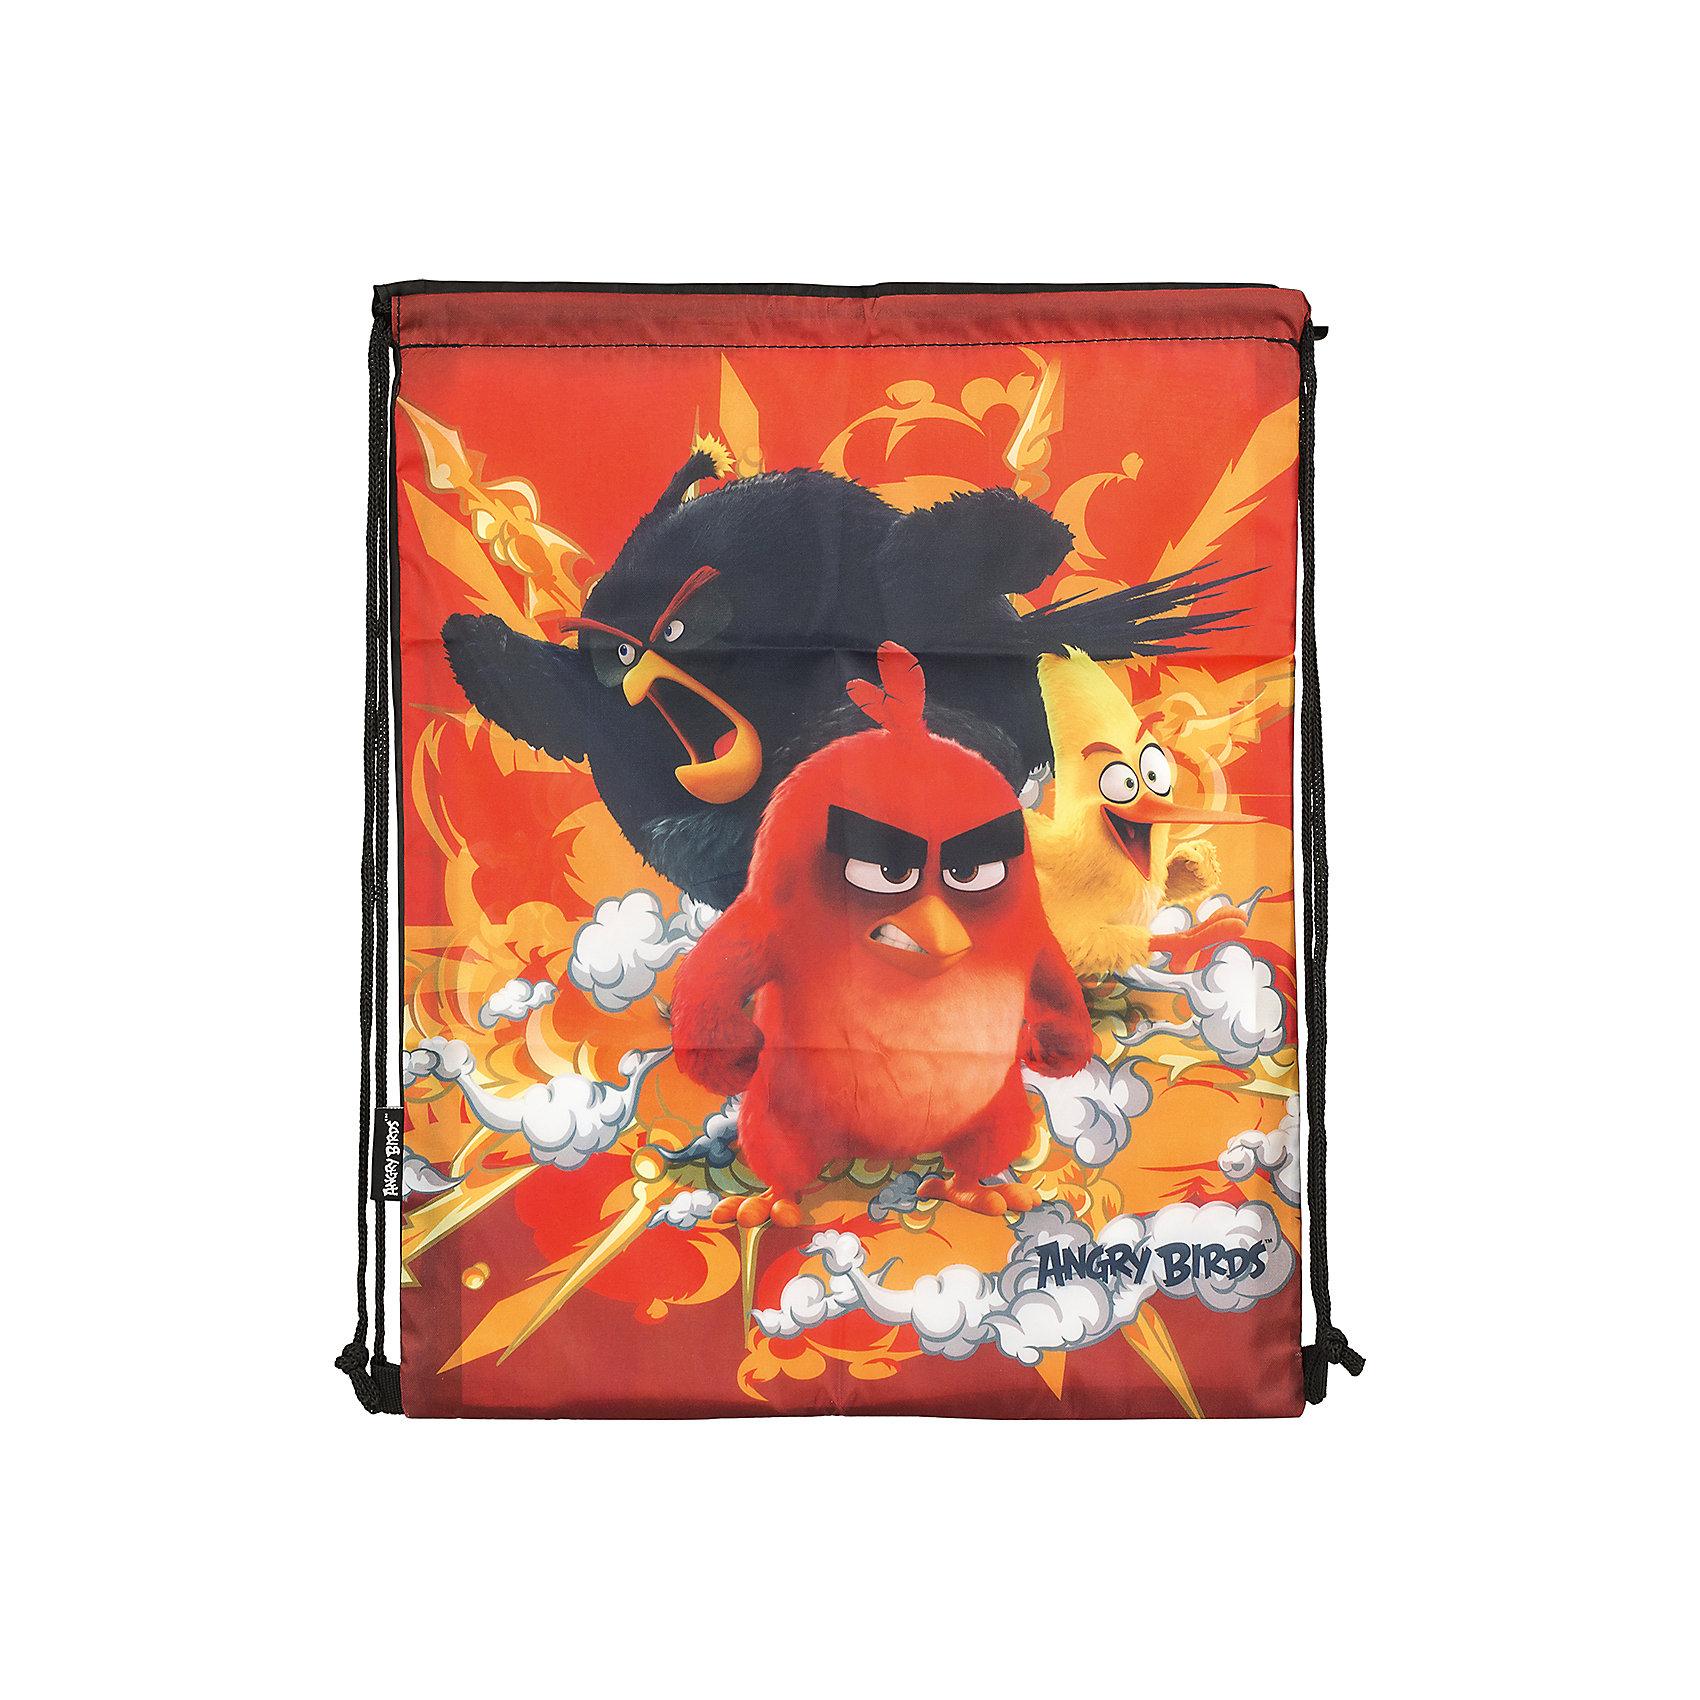 Мешок для обуви, Angry BirdsAngry Birds<br>Мешок для обуви, Angry Birds, идеально подойдет для сменной обуви маленького школьника и для физкультурной формы. Мешок изготовлен из прочного водостойкого материала и имеет оригинальный дизайн по мотивам нового мультфильма про популярных птичек Angry Birds. Мешок затягивается сверху при помощи текстильных шнурков-лямок, которые фиксируются в нижней части, благодаря чему его можно носить за спиной как рюкзак.<br><br><br>Дополнительная информация:<br><br>- Материал: 100% полиэстер.<br>- Размер: 43 х 1 х 34 см.<br>- Вес: 45 гр. <br><br>Мешок для обуви, Angry Birds, можно купить в нашем интернет-магазине.<br><br>Ширина мм: 430<br>Глубина мм: 340<br>Высота мм: 10<br>Вес г: 45<br>Возраст от месяцев: 96<br>Возраст до месяцев: 108<br>Пол: Мужской<br>Возраст: Детский<br>SKU: 4681171